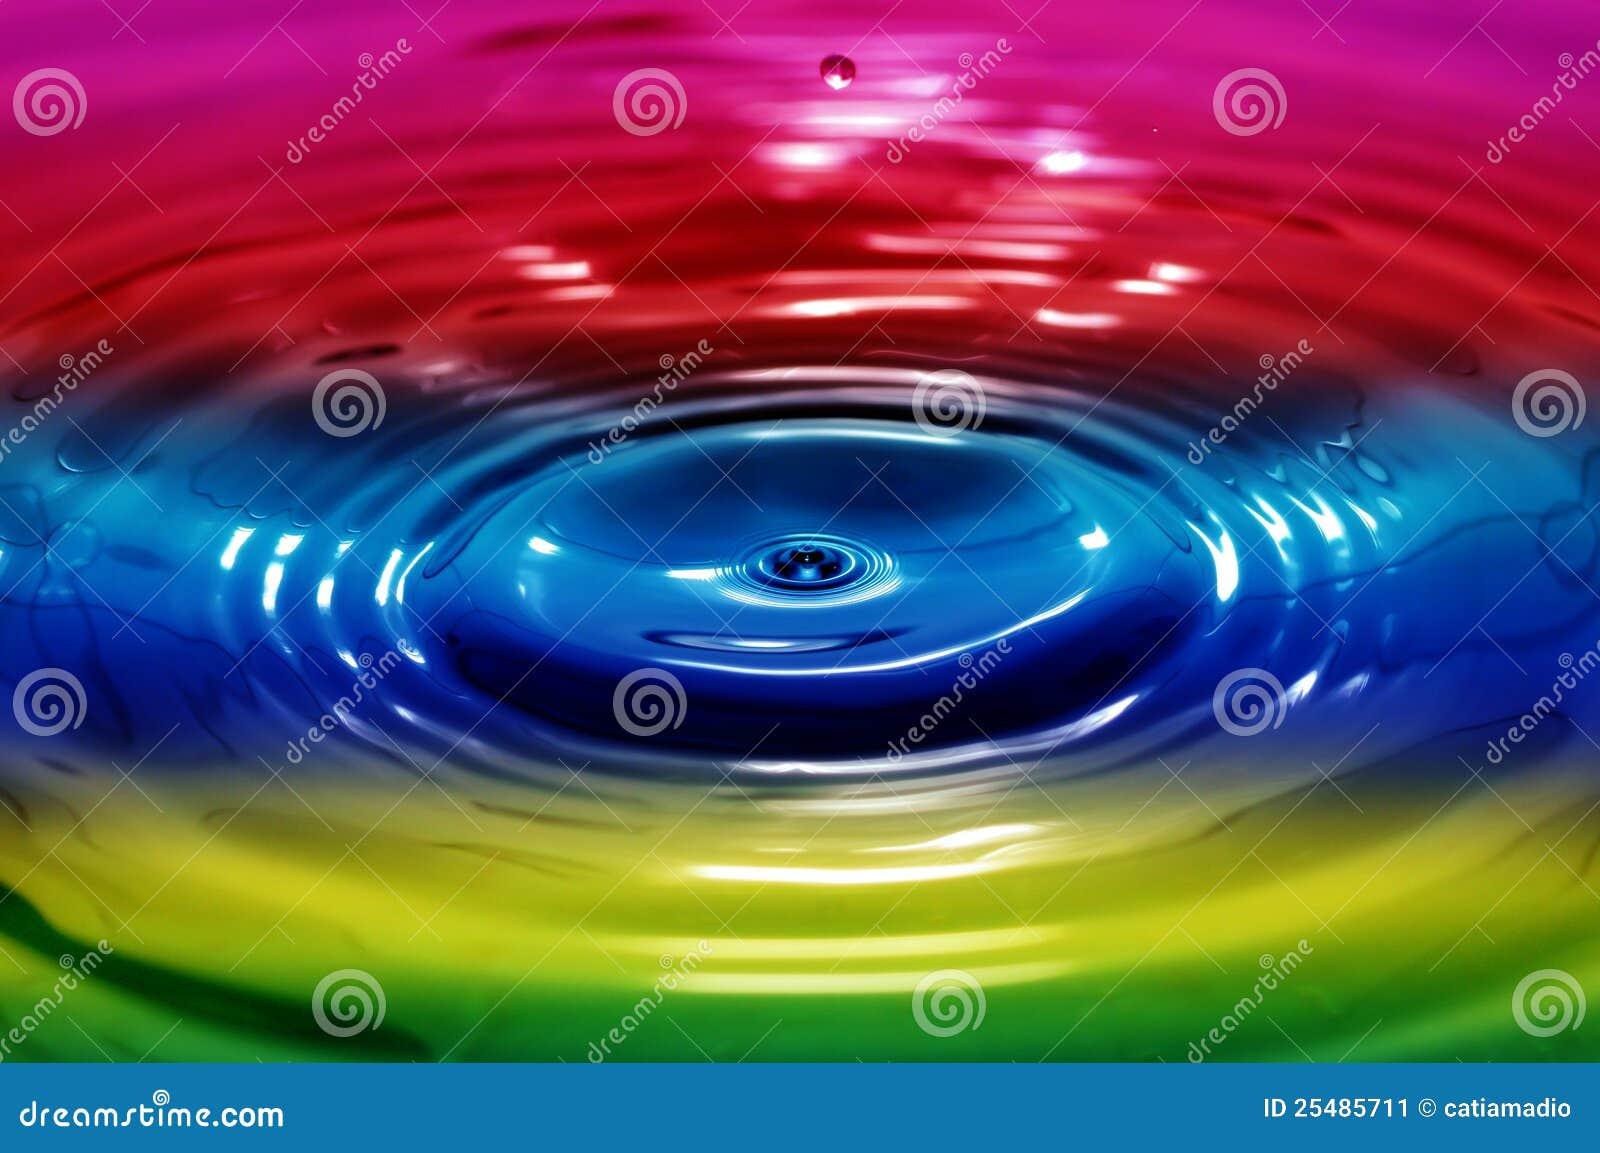 Liquid rainbow stock image. Image of rainbow, ideational ...